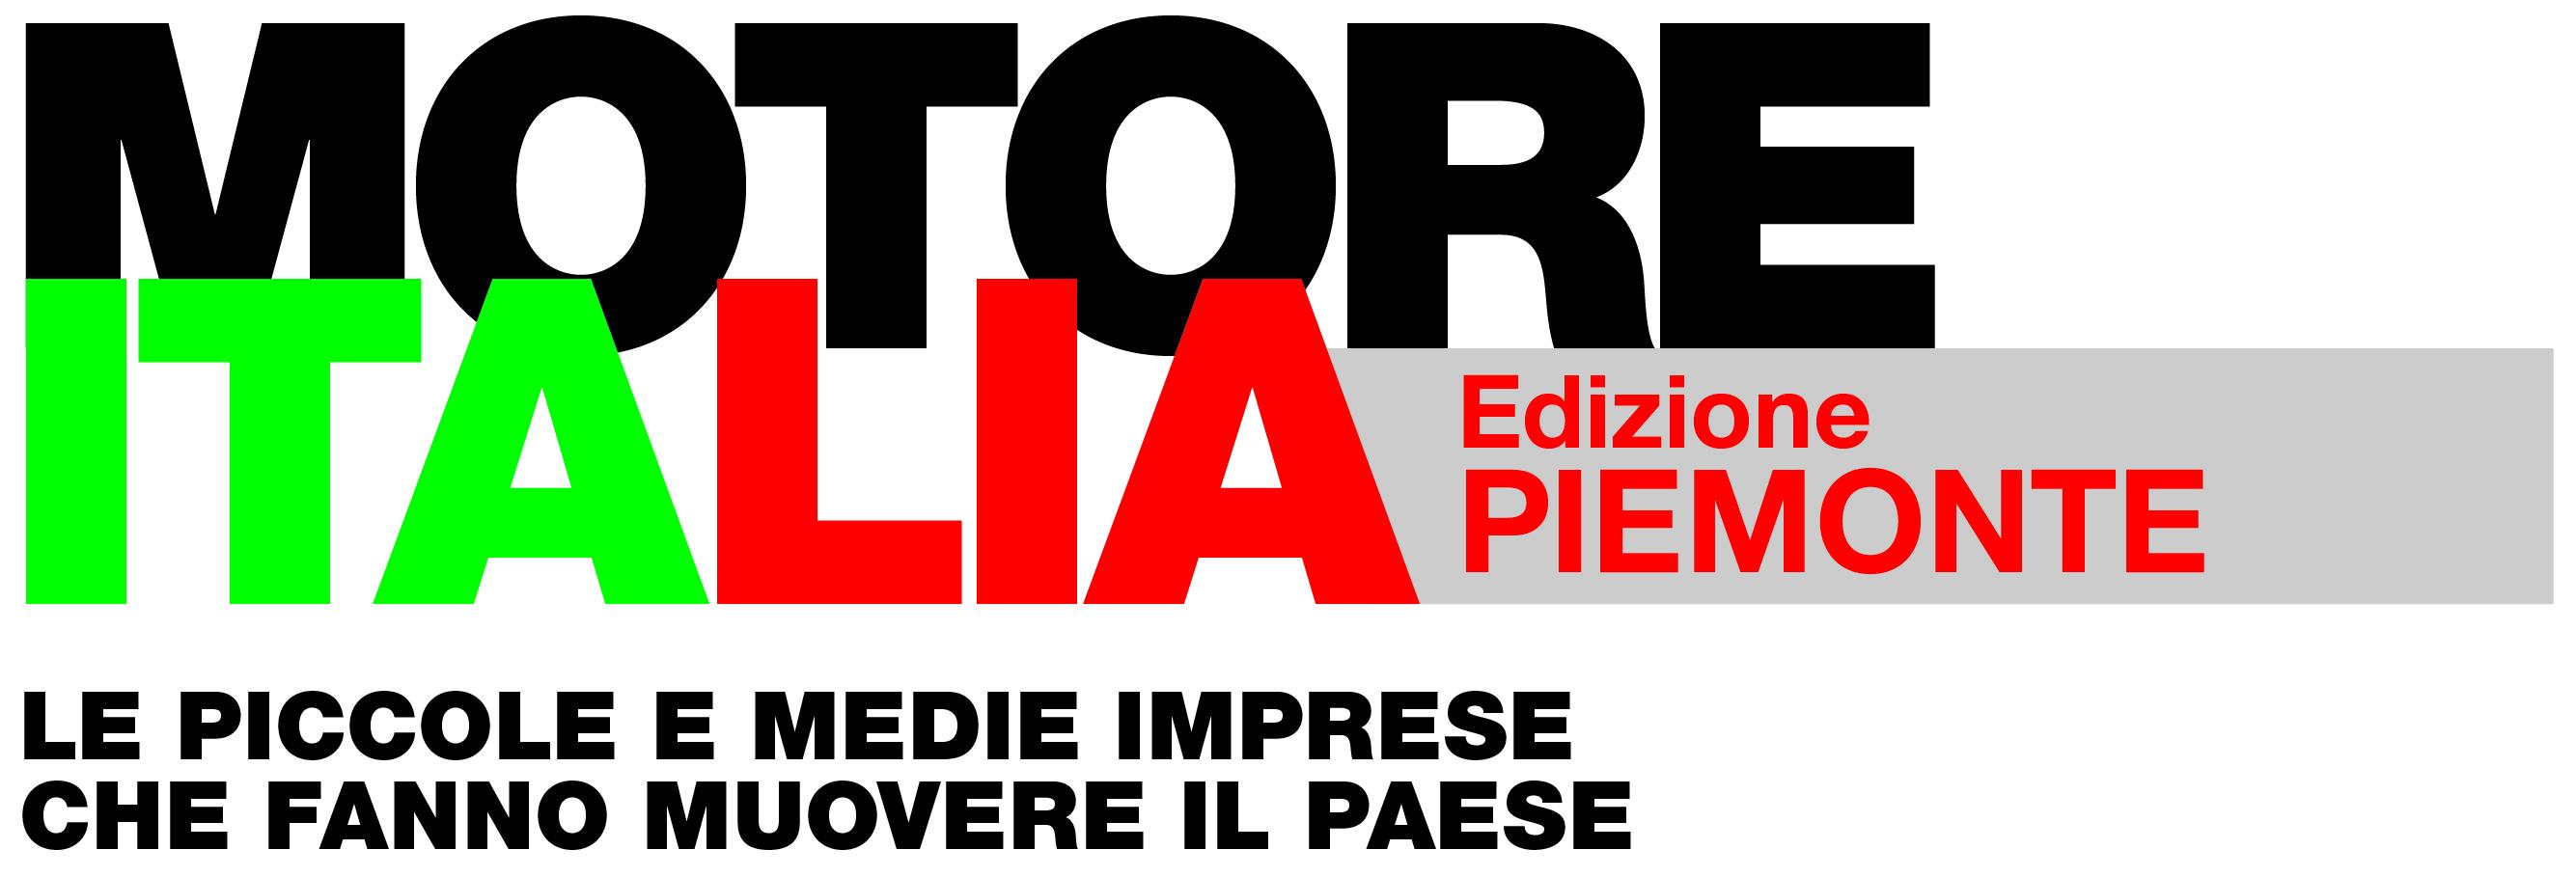 Motore Italia Piemonte